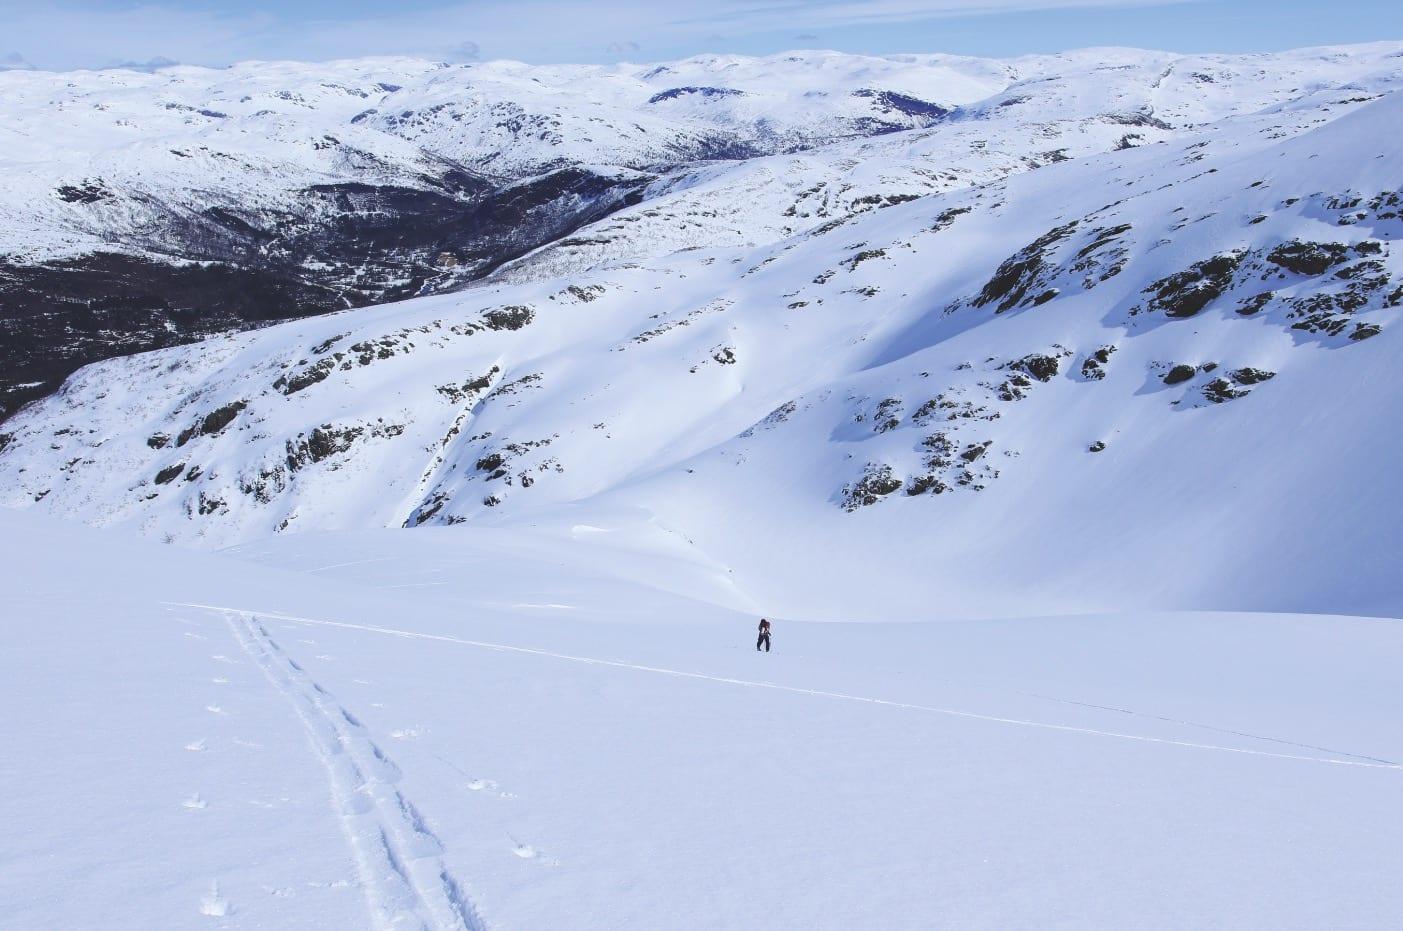 NY MOTBAKKE: Man føler seg liten i mektig natur. Her er May Helen på vei mot Seldalsnuten, turens andre topp. I fjellsiden bak kan man skimte sporene våre etter nedkjøring fra Olsskavlen.